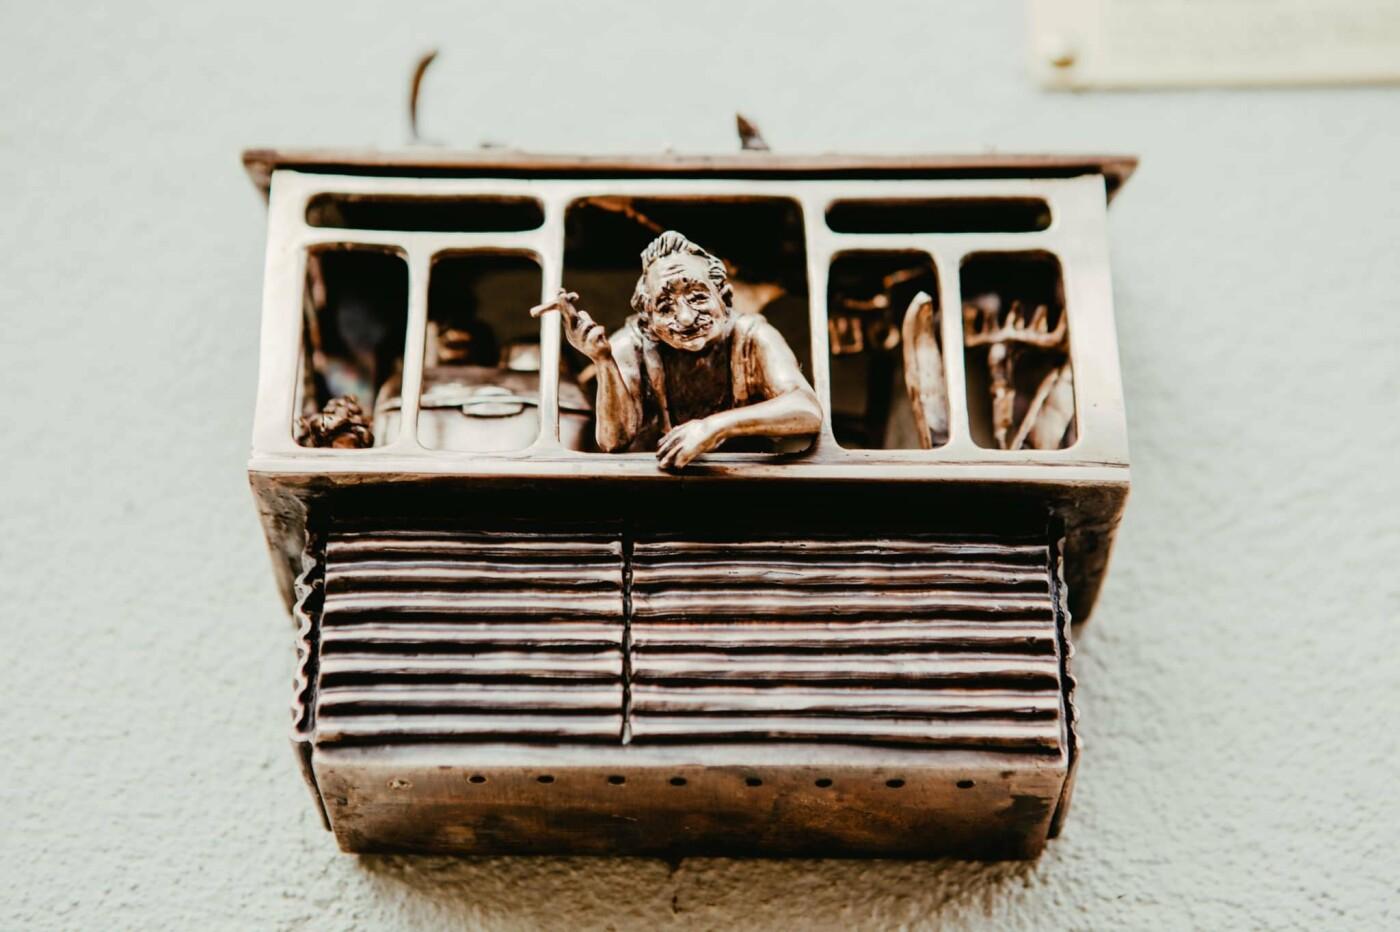 """В Киеве открыли новую мини-скульптуру проекта """"Шукай"""": ее посвятили застекленным балконам, - ФОТО, фото-2, Фото: Ekaterina Voronina"""